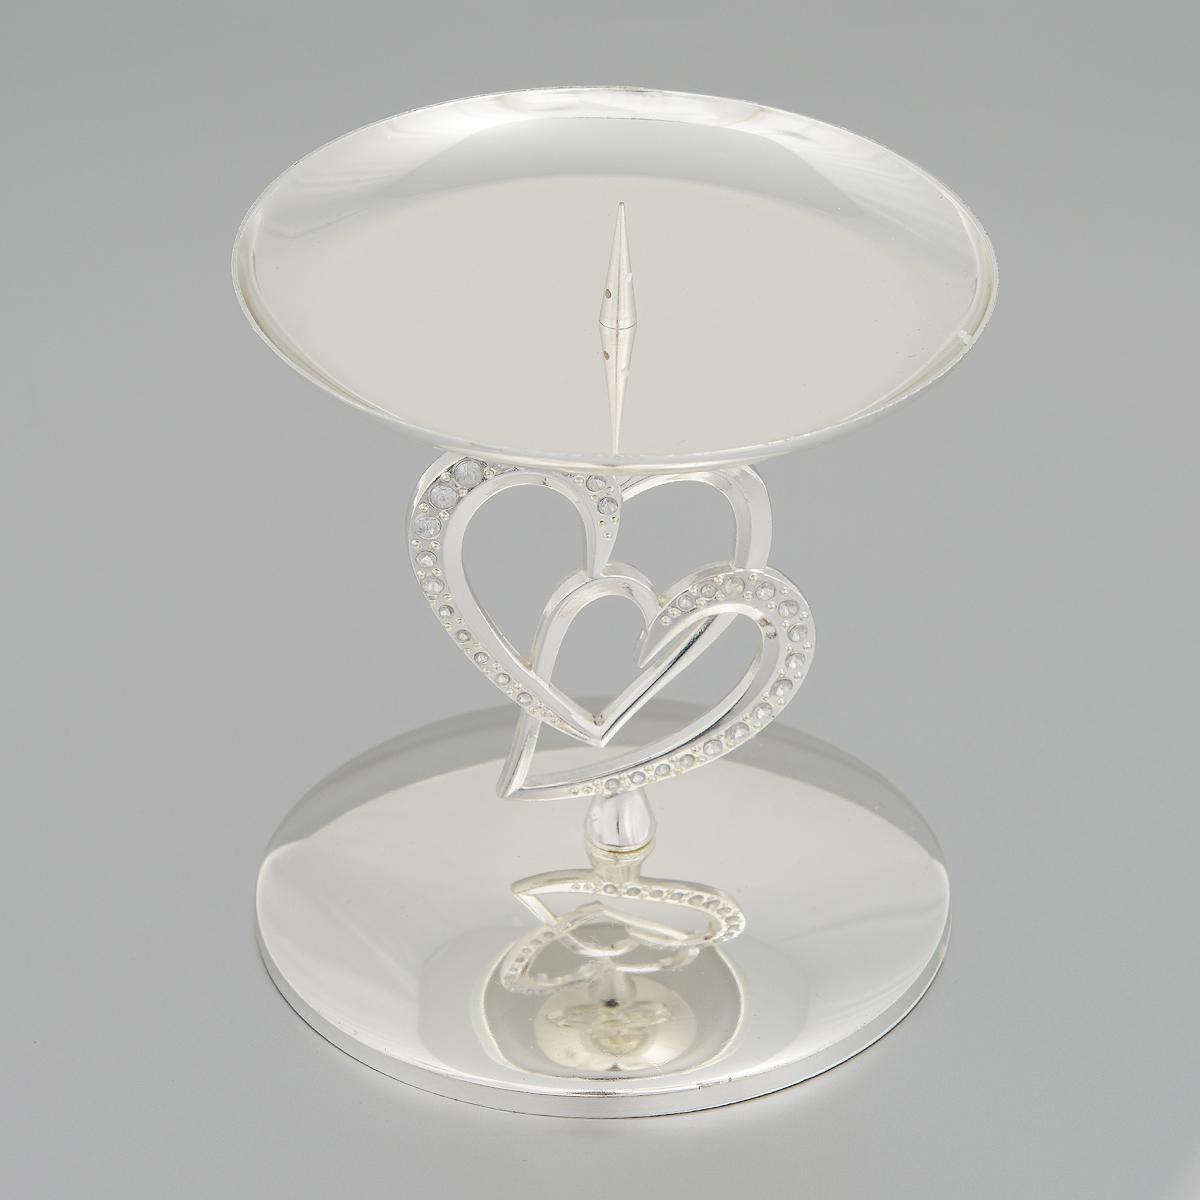 Подсвечник Marquis, высота 12 см. 2164-MR2164-MRПодсвечник Marquis, стилизованный под старину, выполнен из стали с никель-серебряным покрытием. Ножка оформлена сердечками, декорированными стразами. Подсвечник предназначен для тонких классических свечей и свечей таблеток. Свеча устанавливается на чаше с помощью специального шпиля. Такой подсвечник позволит вам украсить интерьер дома или рабочего кабинета оригинальным образом. Вы сможете не просто внести в интерьер своего дома элемент необычности, но и создать атмосферу загадочности и изысканности. Материал: сталь с никель-серебряным покрытием, стекло. Диаметр основания: 11 см. Диаметр (по верхнему краю): 11 см.Высота подсвечника: 12 см.